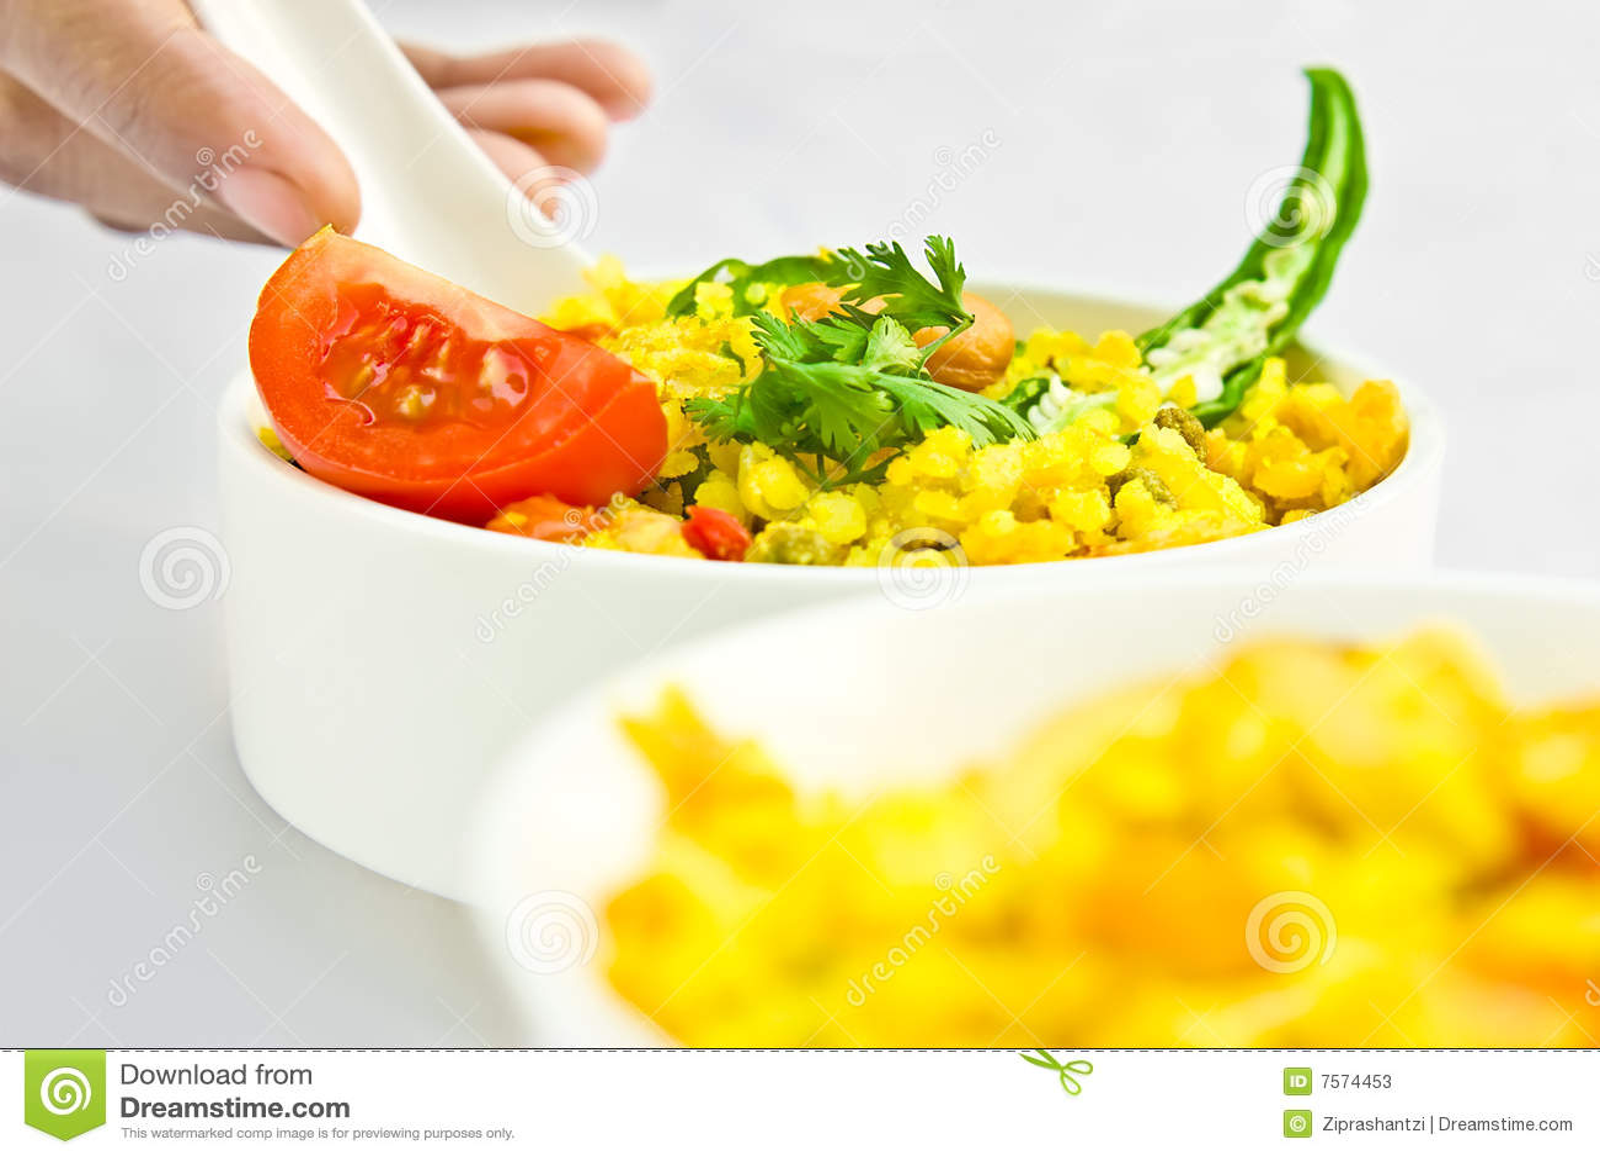 Decoratie van voedsel stock afbeelding afbeelding bestaande uit schotel 7574453 - Afbeelding van decoratie ...